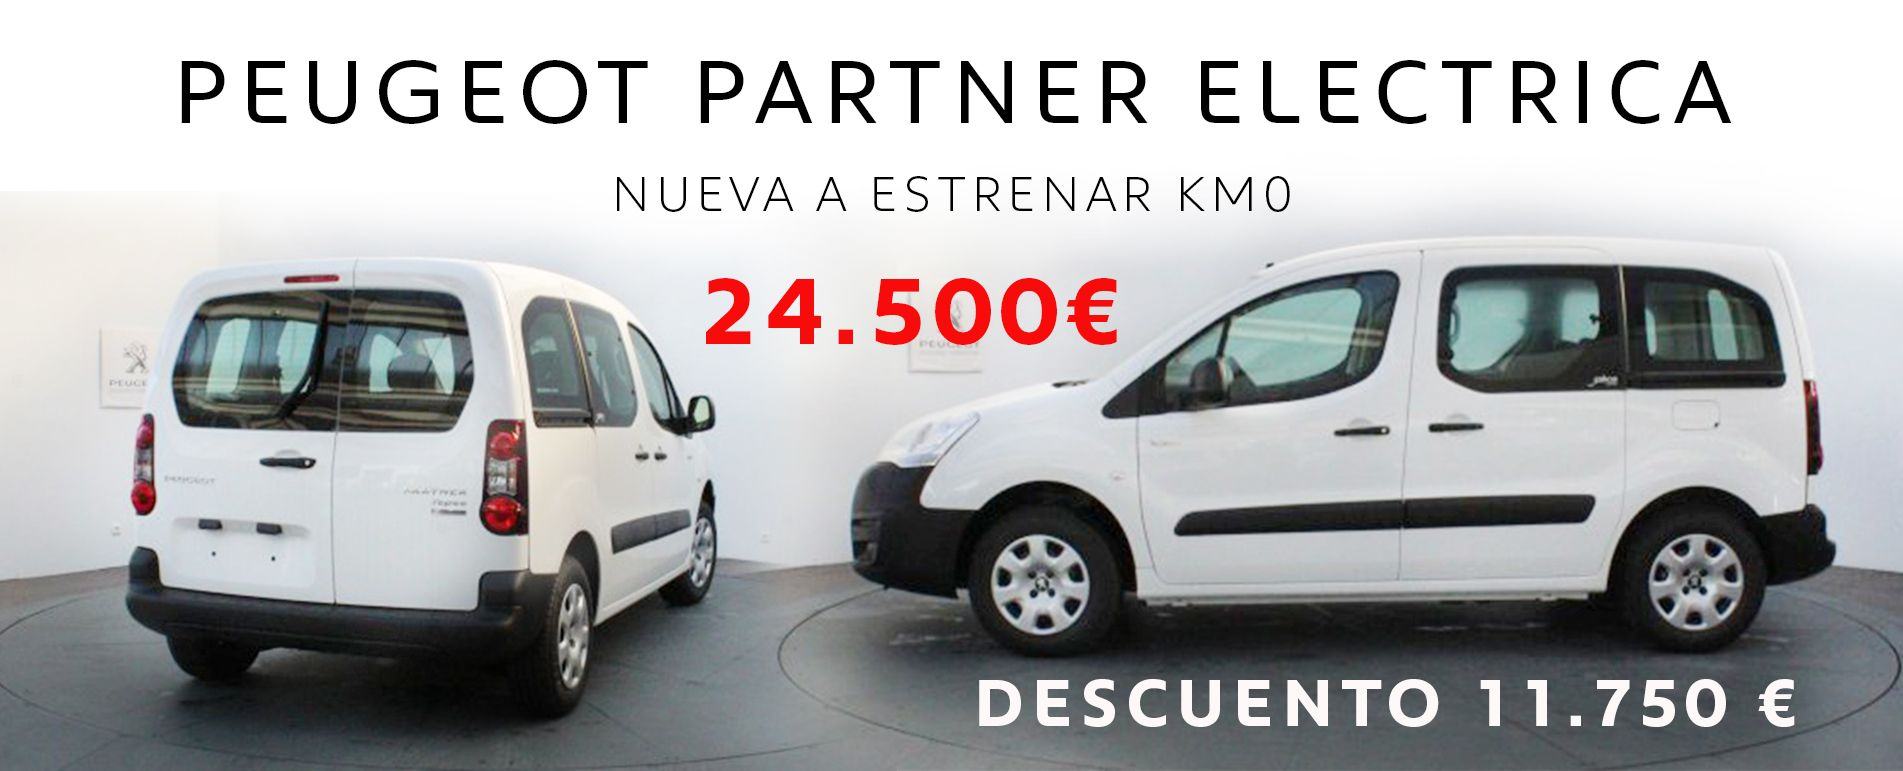 Peugeot Partner Eléctrica con 11.750 € de descuento